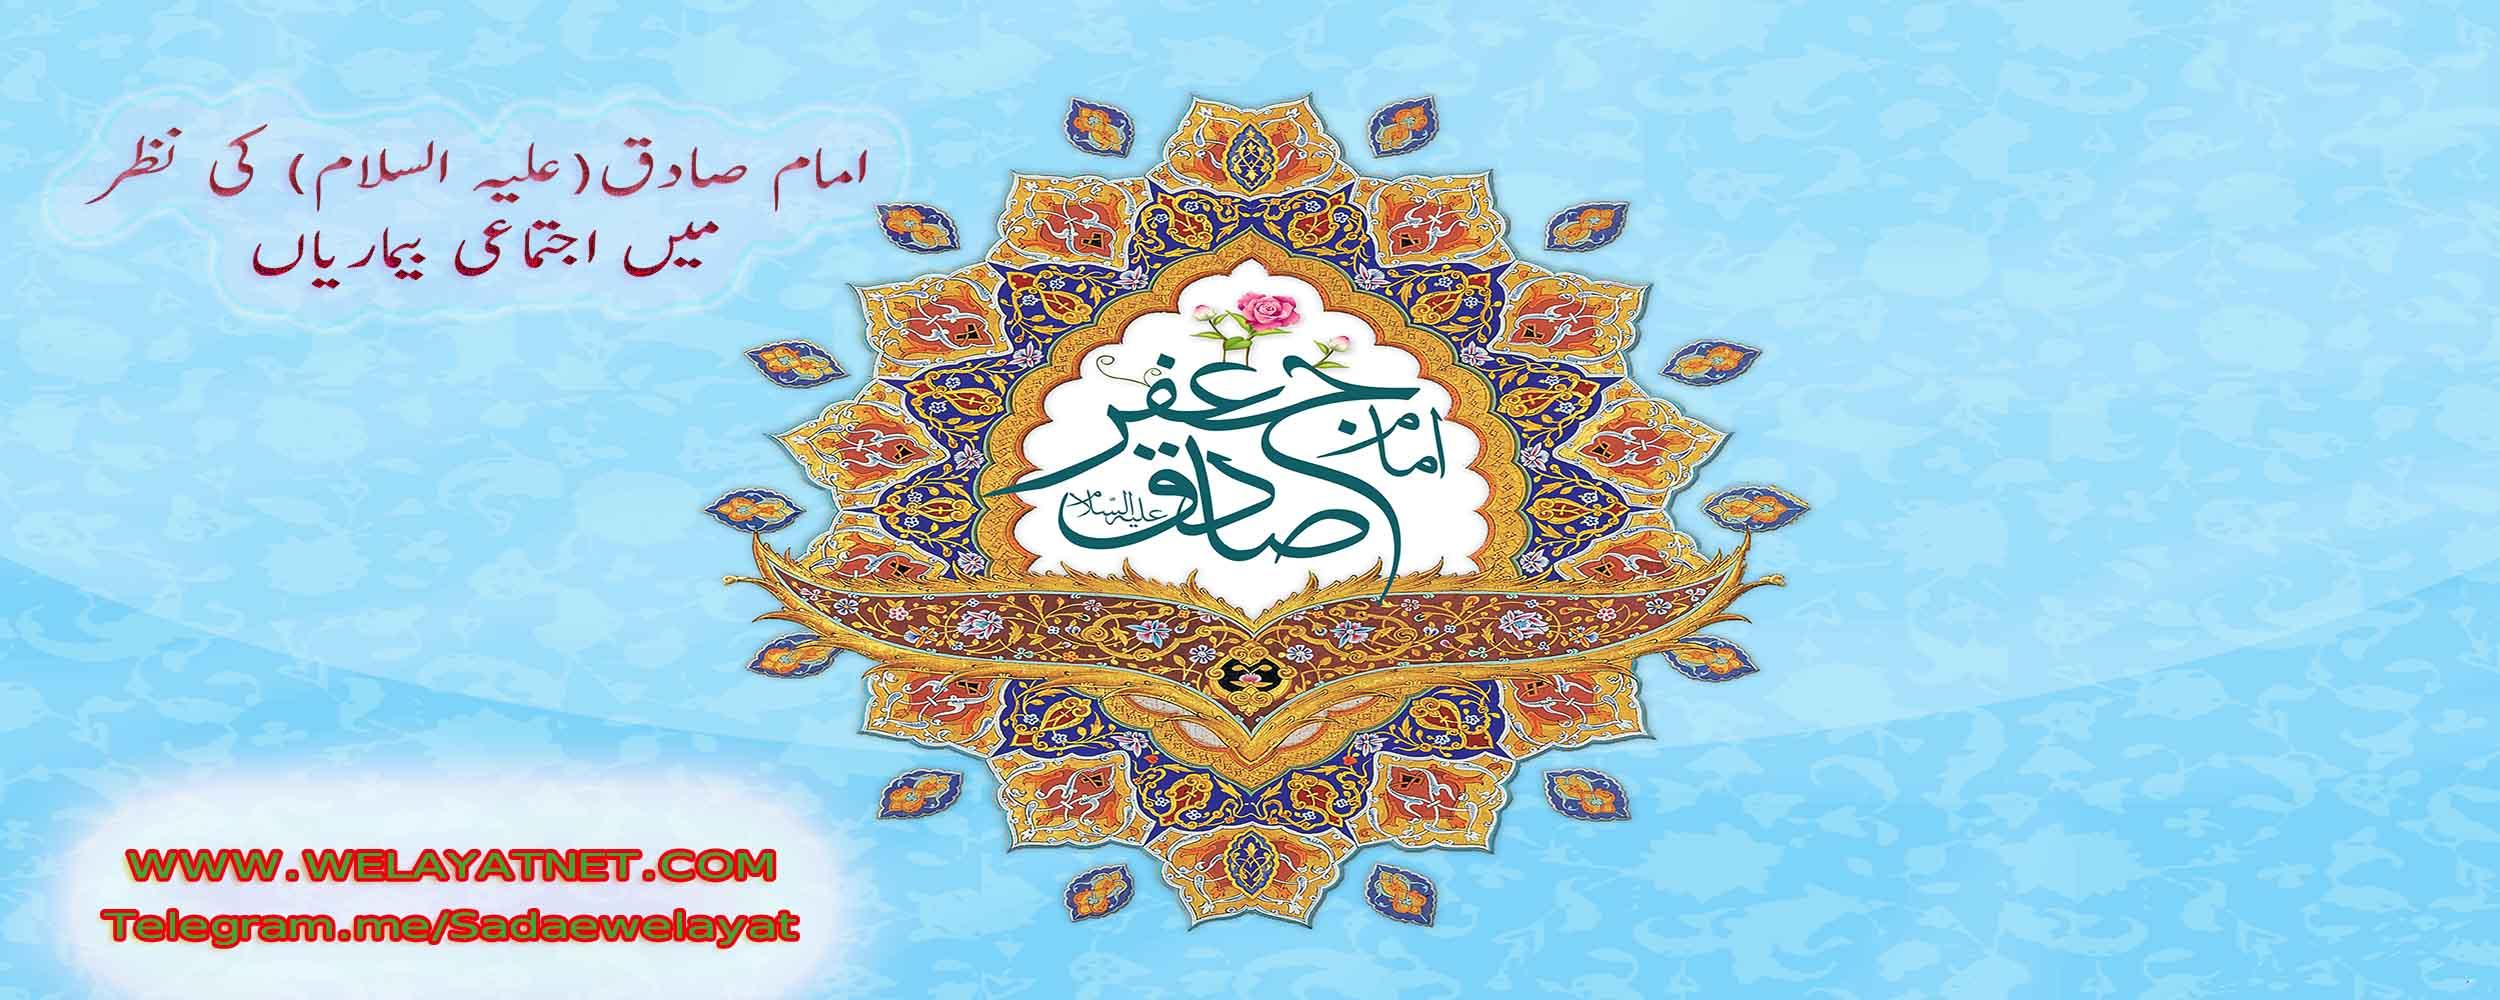 امام صادق(علیہ السلام) کی نظر میں اجتماعی بیماریاں